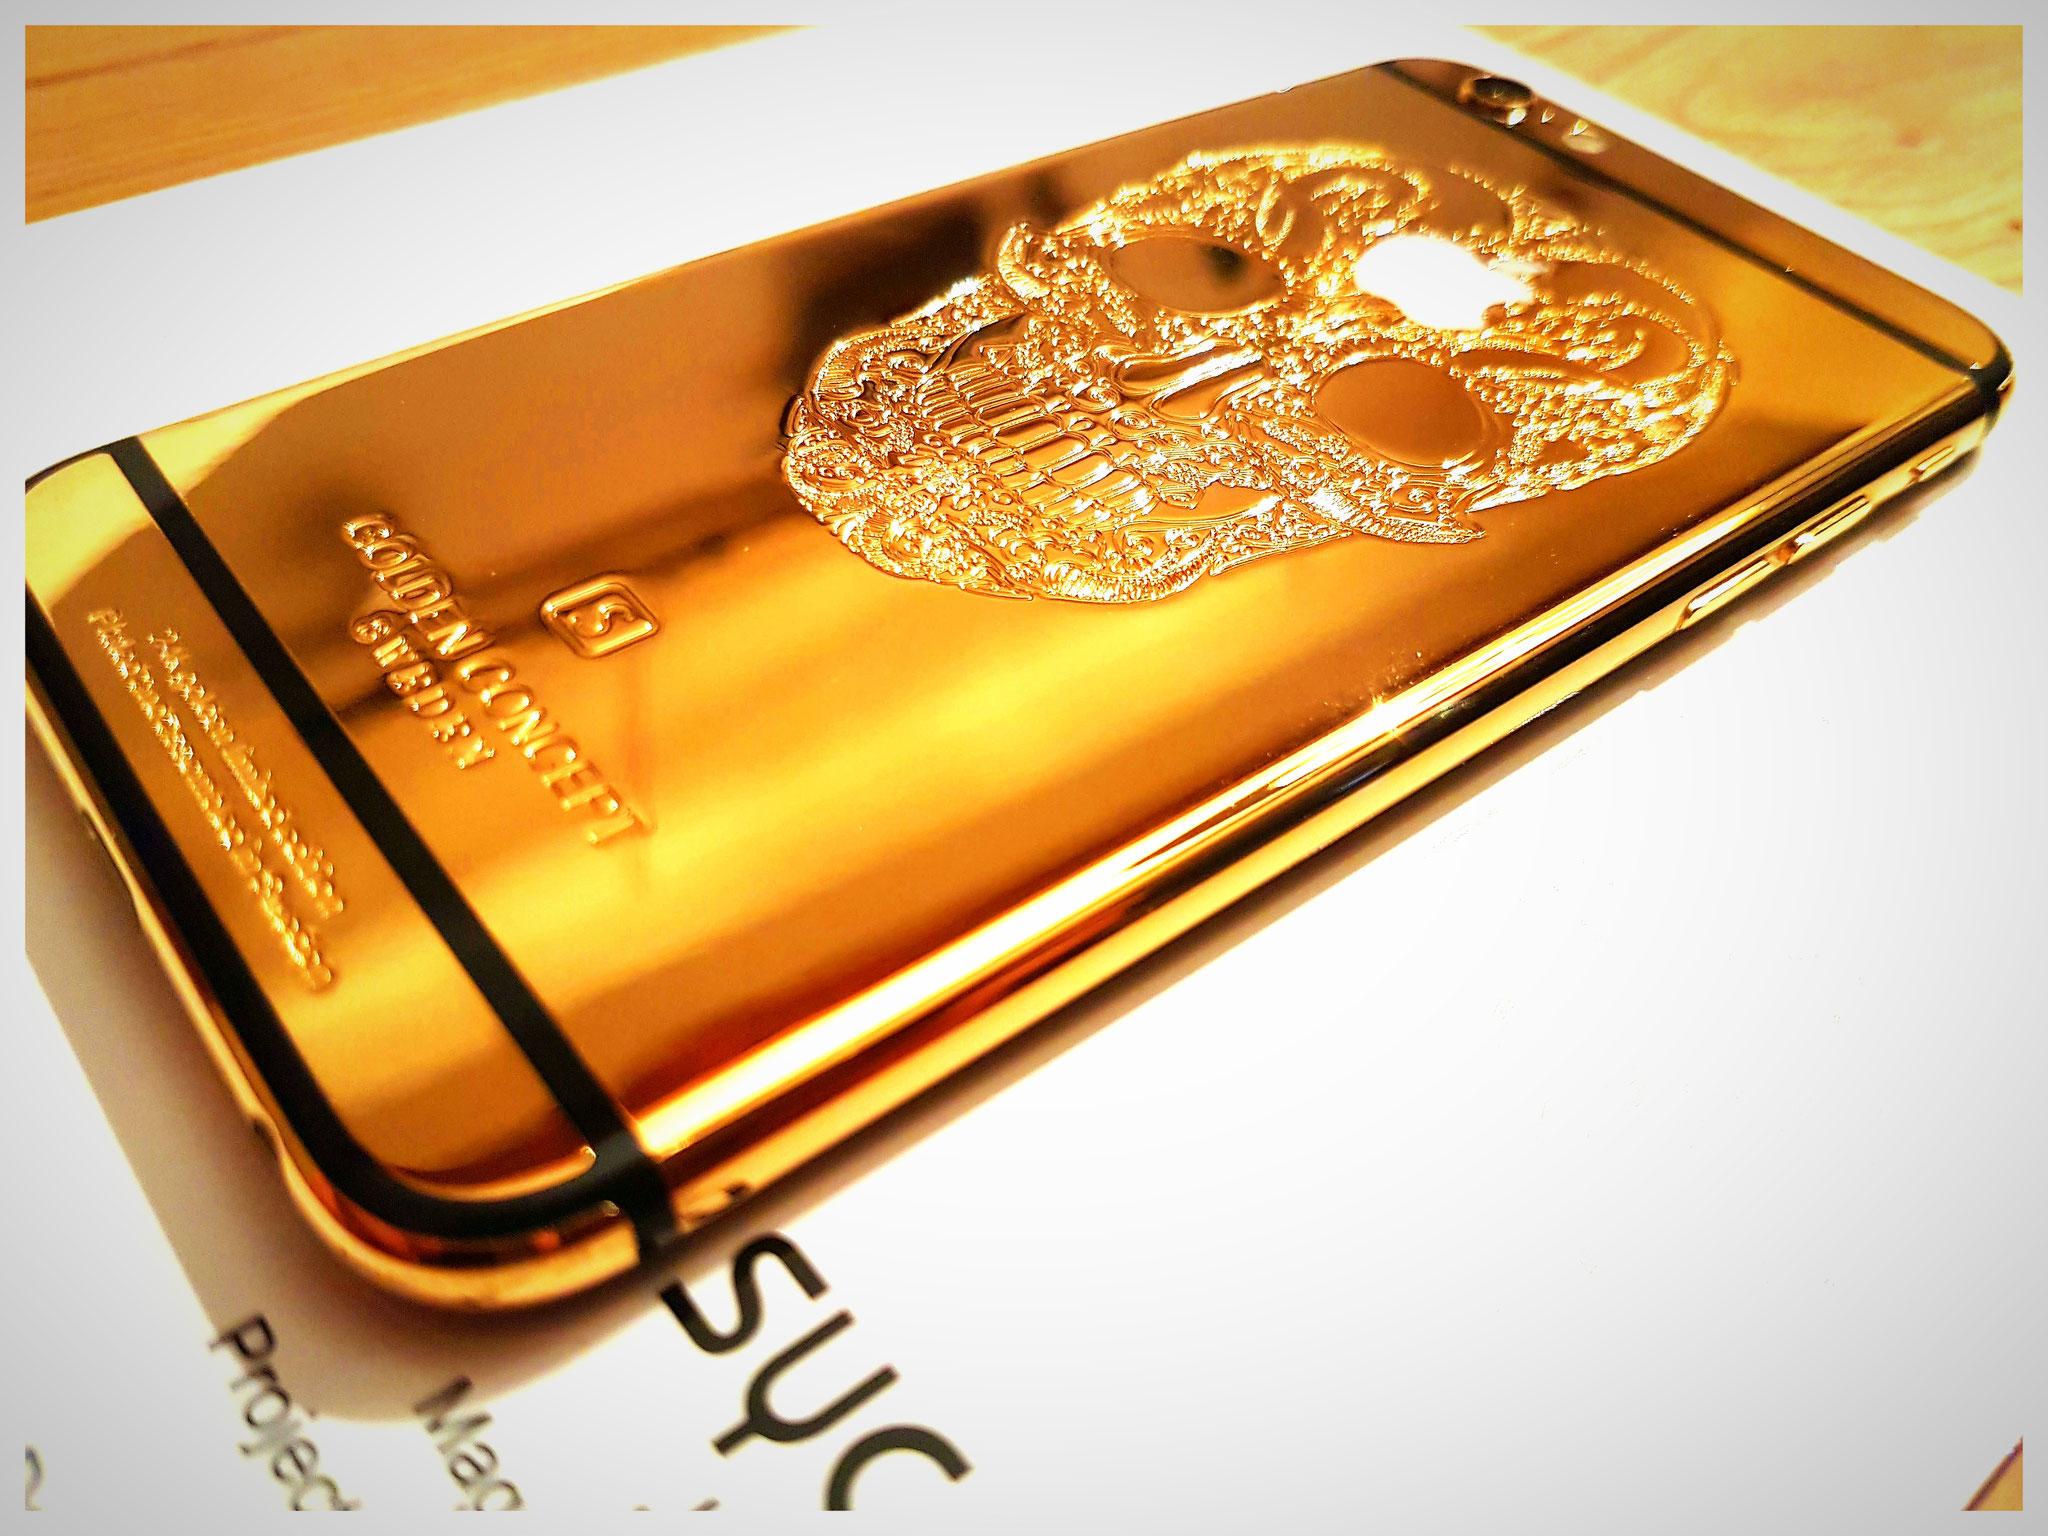 Umbau in: 24k gold-beschichtetes Backcover mit schwarzem Display